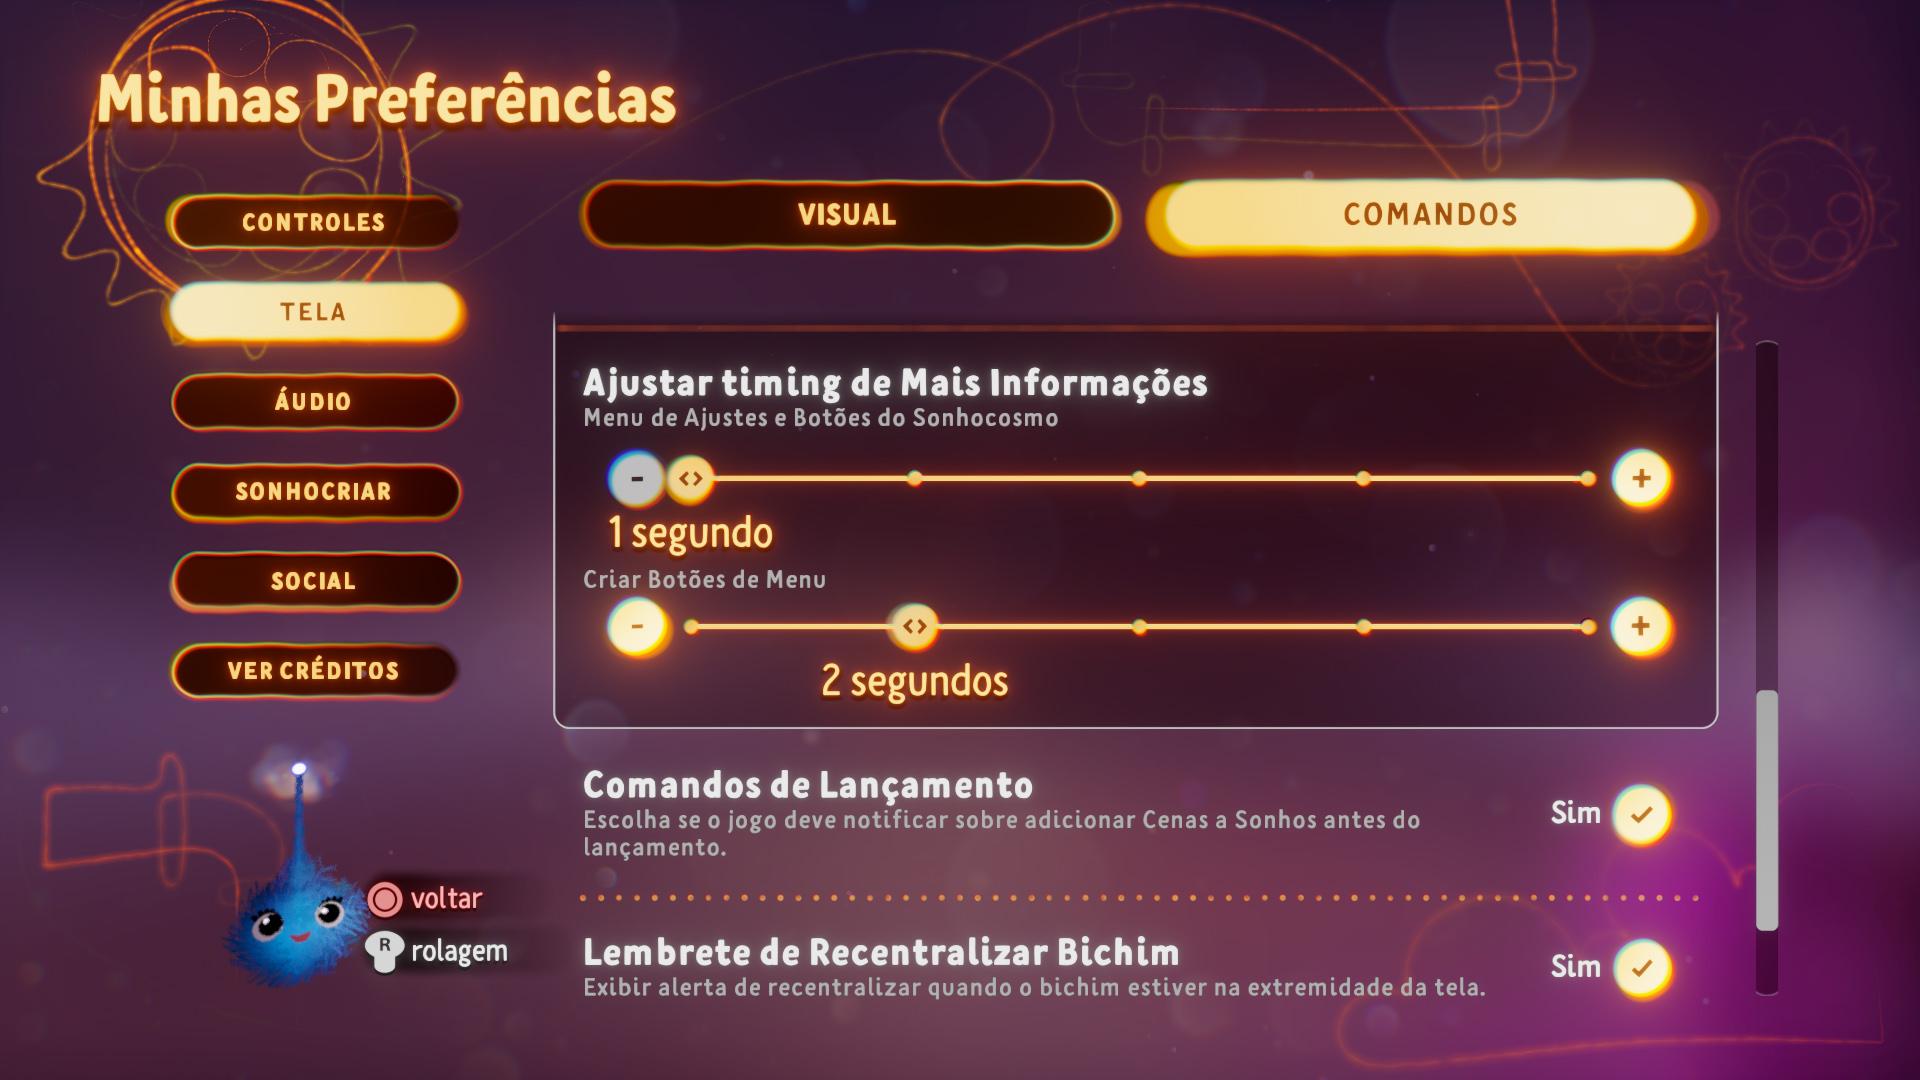 Captura de tela mostrando Opções de Comandos no Menu Preferências